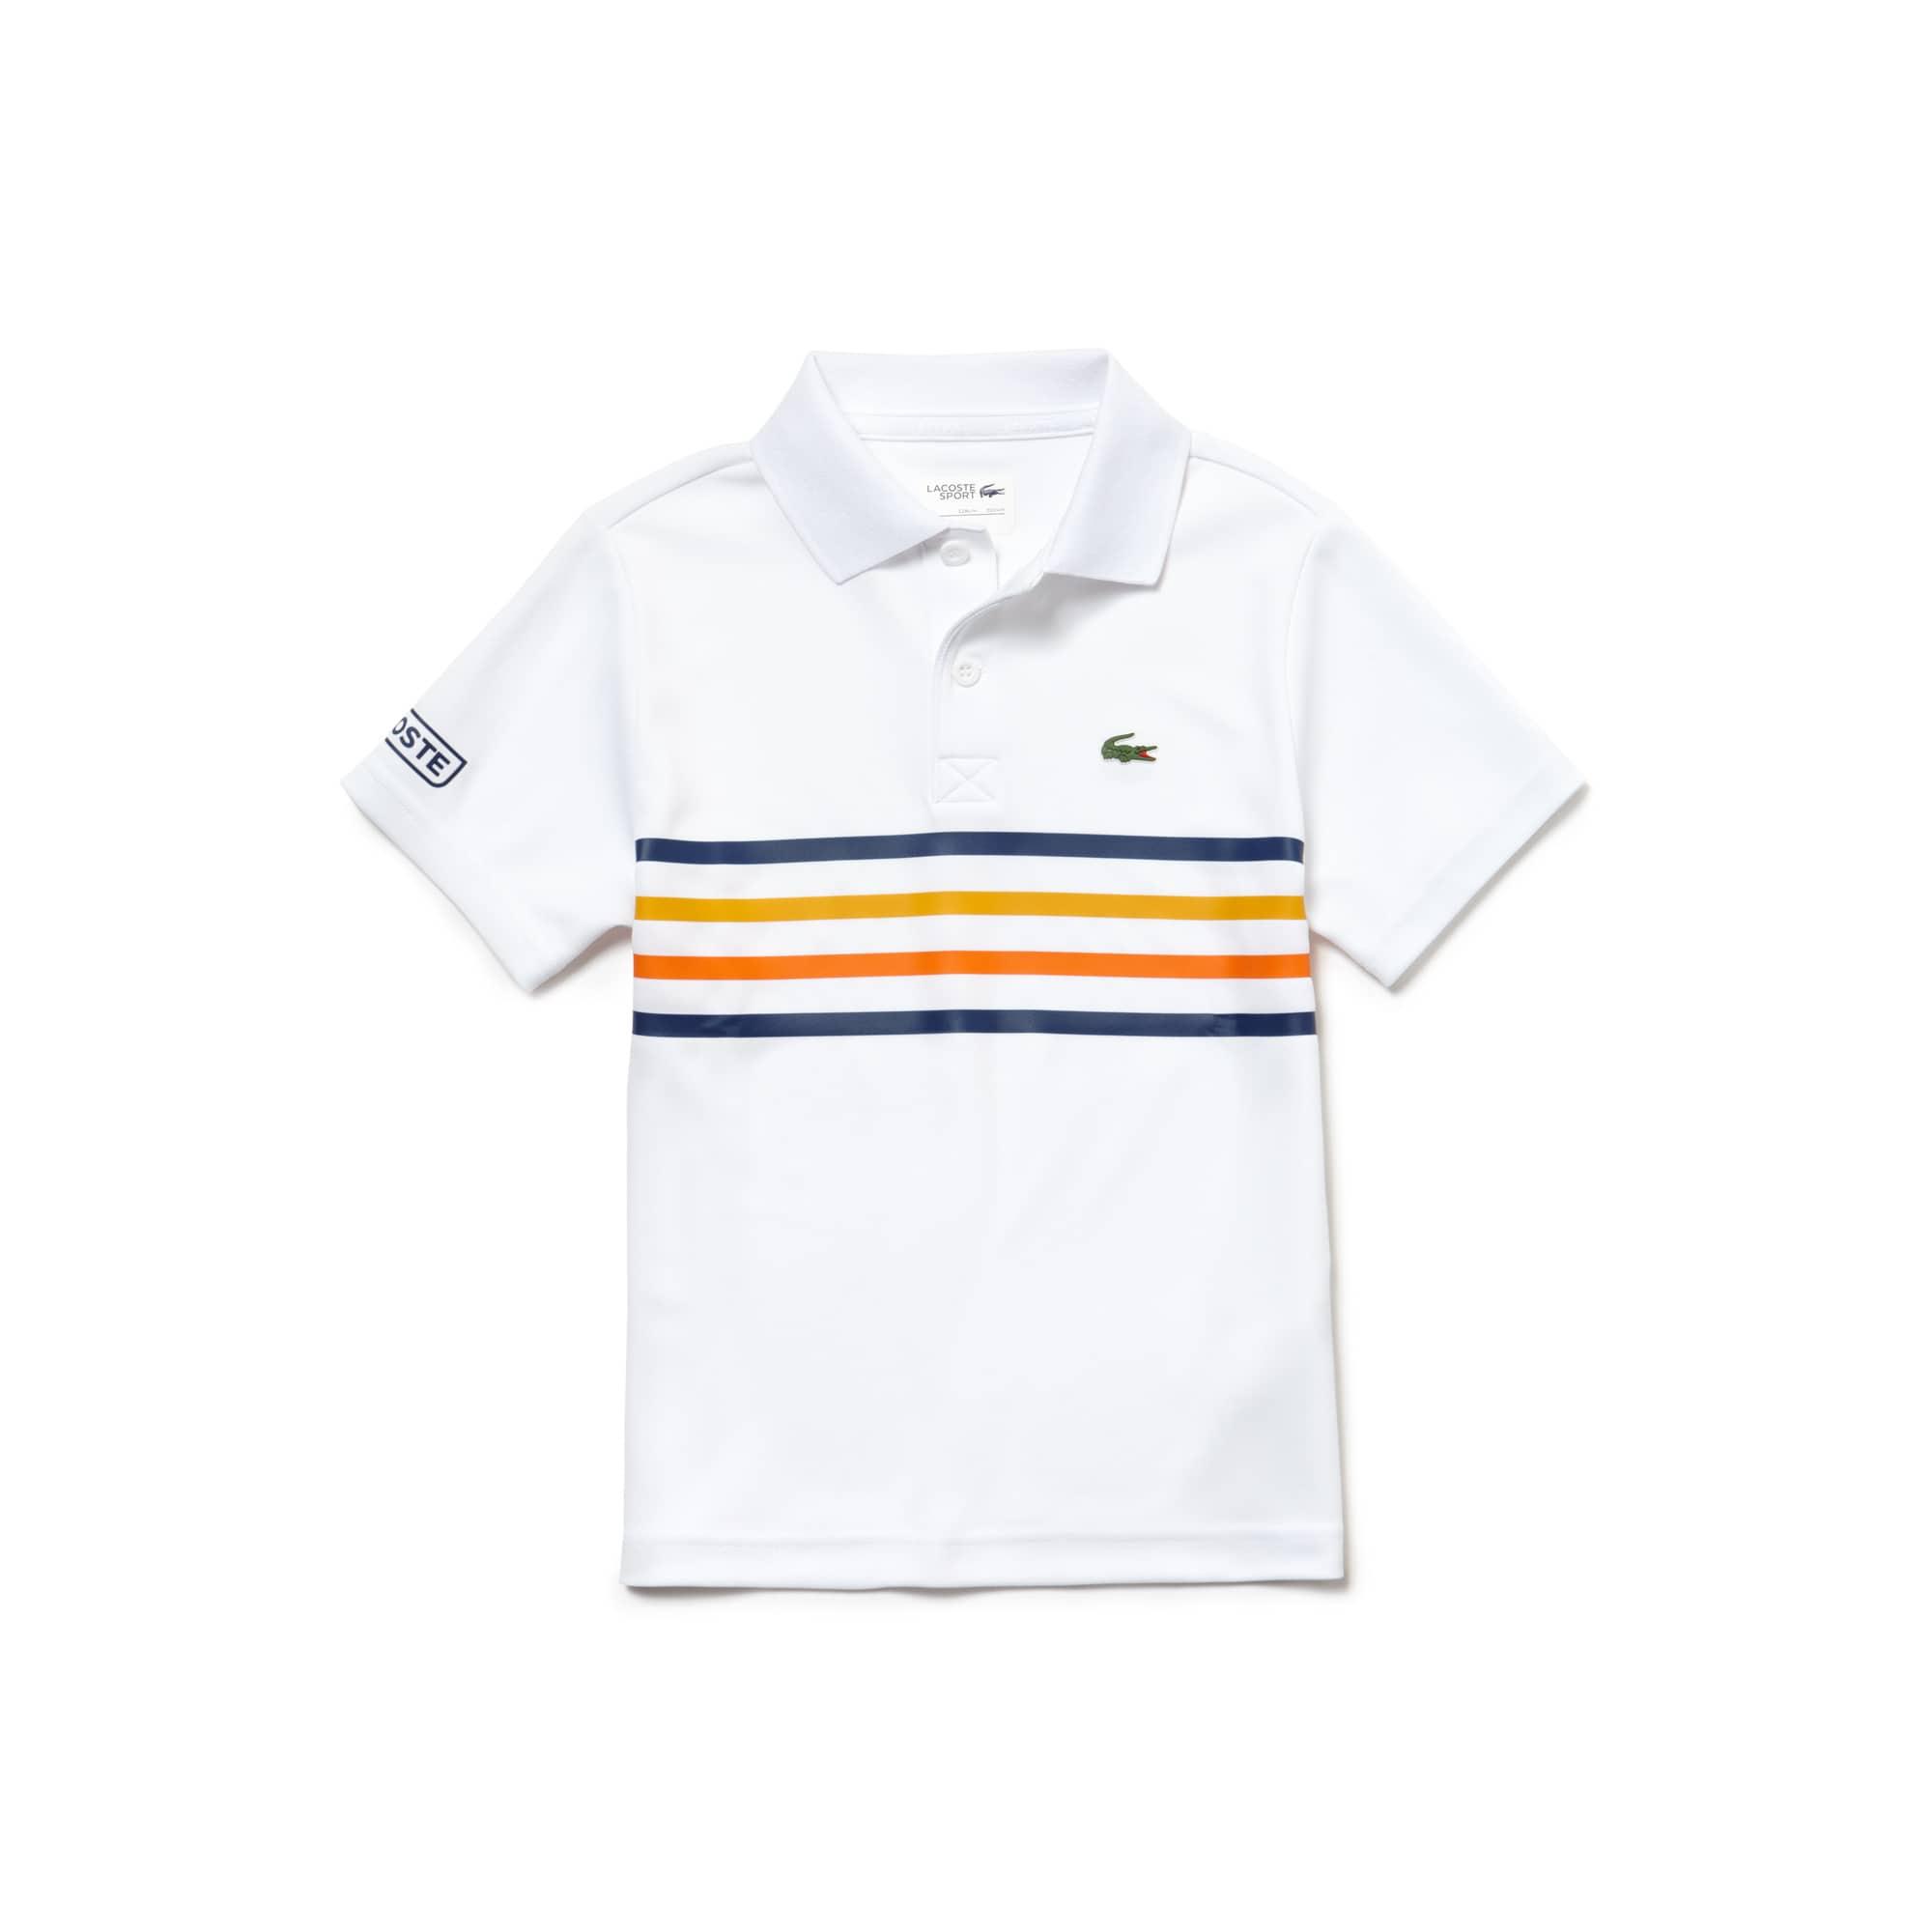 Boys' Lacoste SPORT Colored Bands Tech Piqué Tennis Polo Shirt